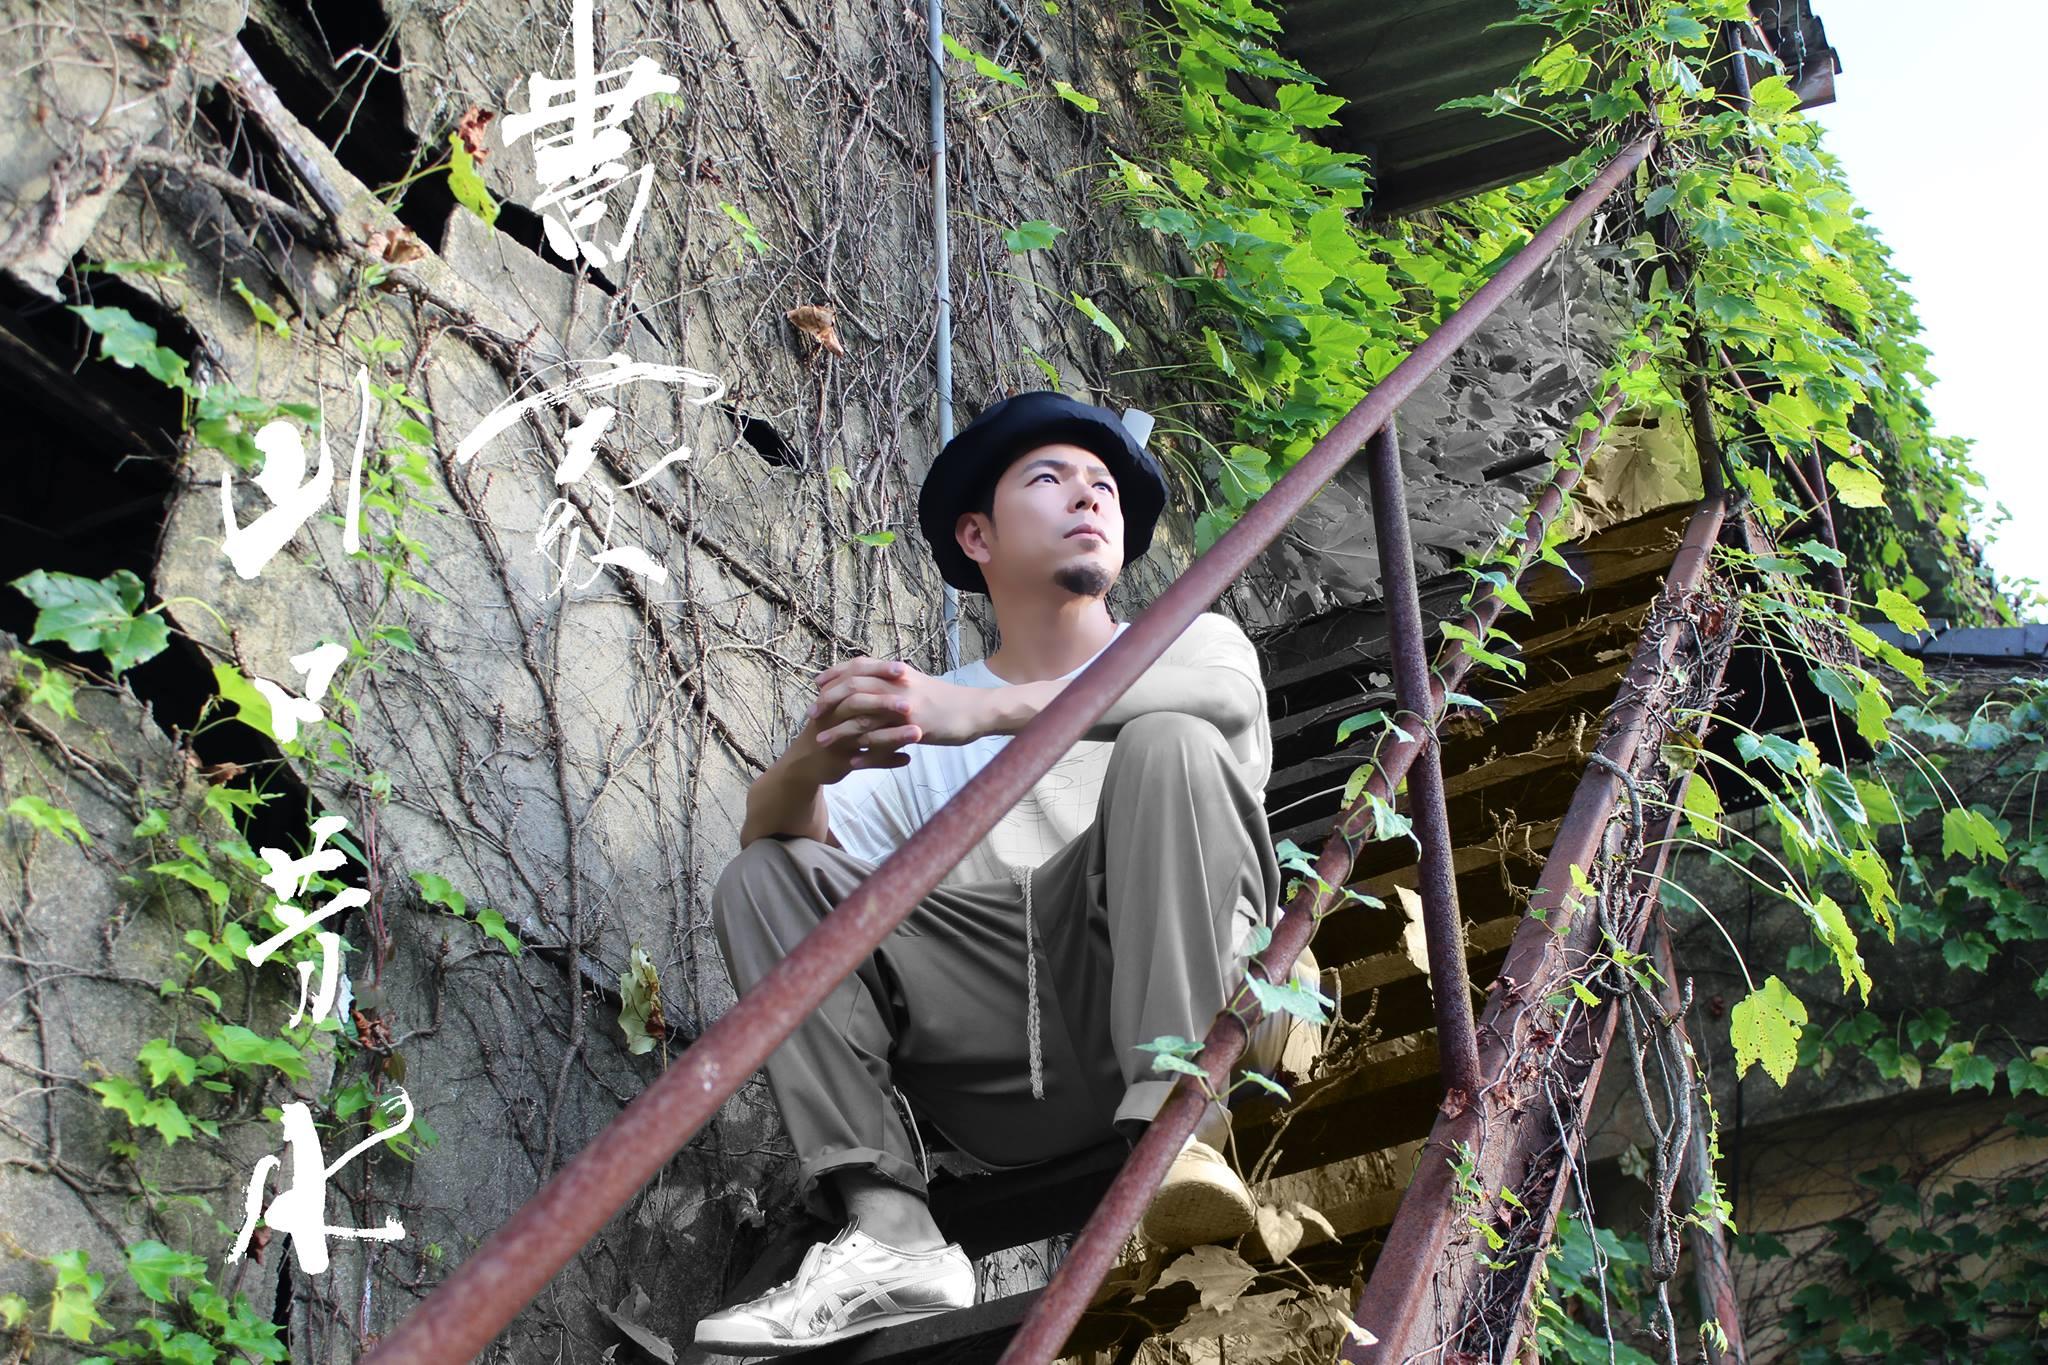 山口芳水,アート,アーティスト,写真,ART,Calligraphy,Calligrapher,階段